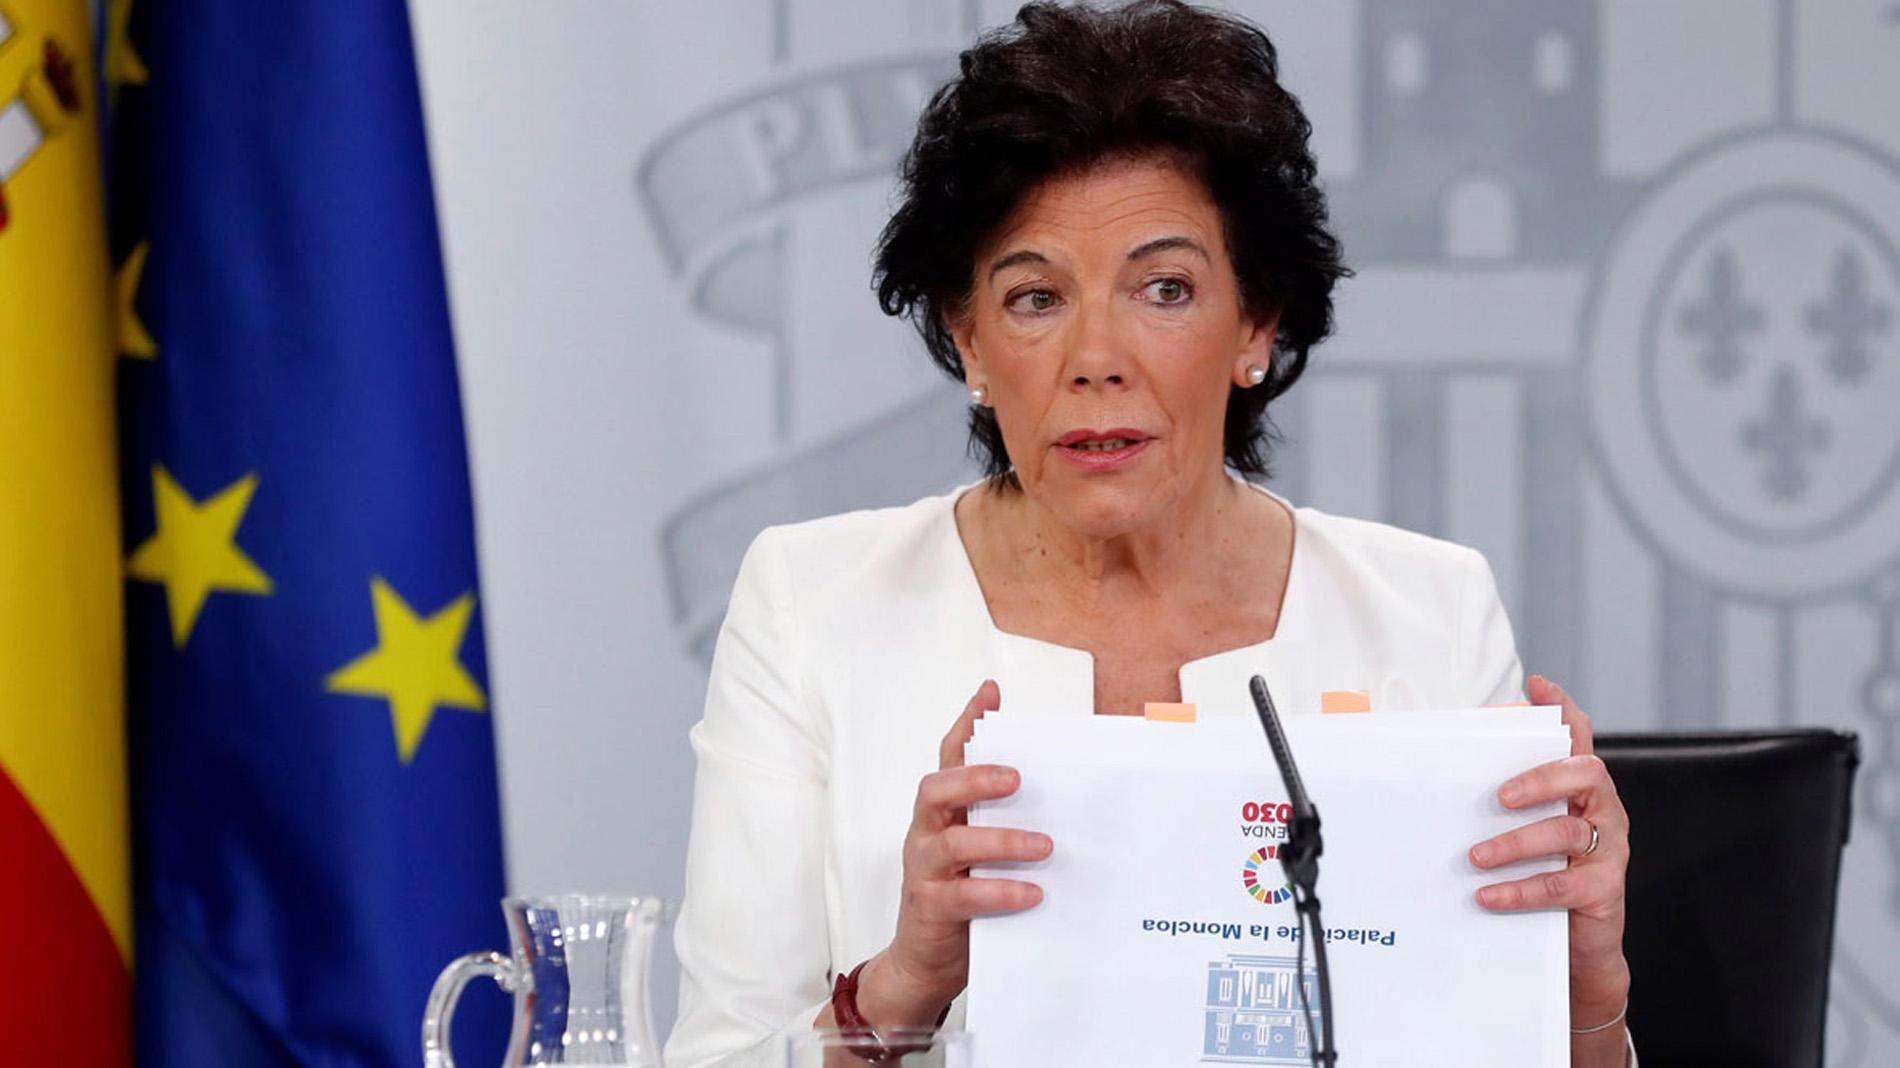 Educaci n el consejo de ministros aprueba el proyecto de for Clausula suelo consejo de ministros